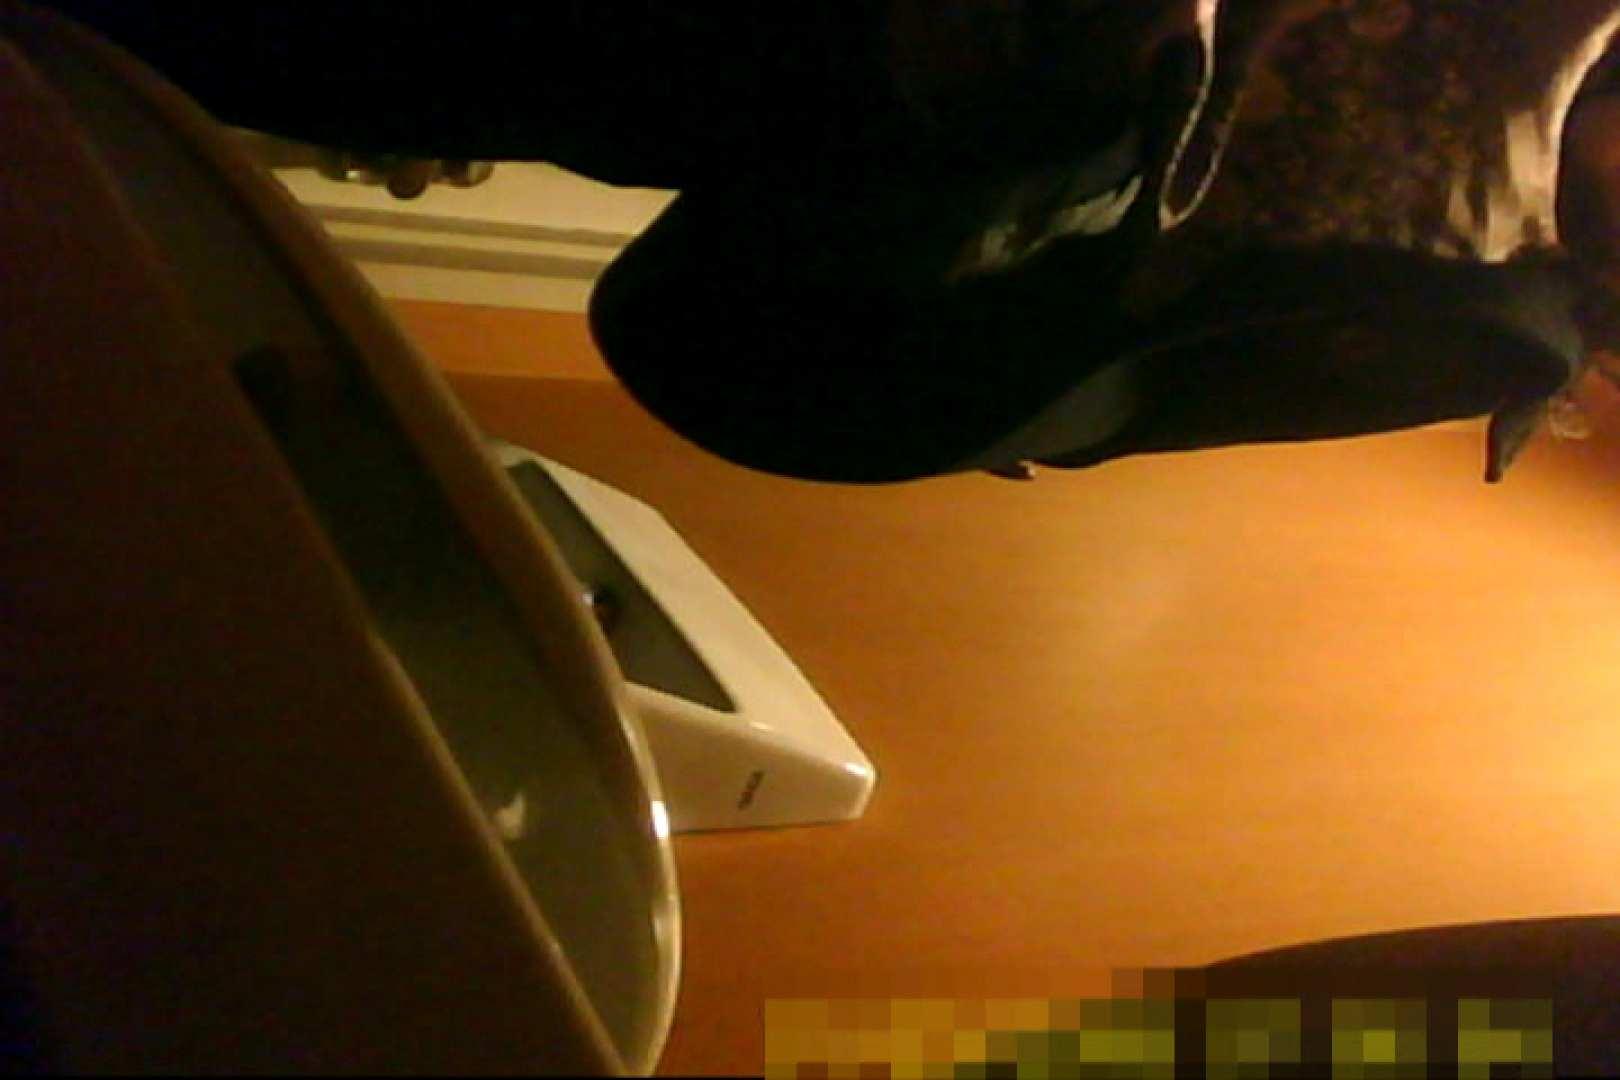 魅惑の化粧室~禁断のプライベート空間~13 洗面所 盗み撮り動画 71pic 53